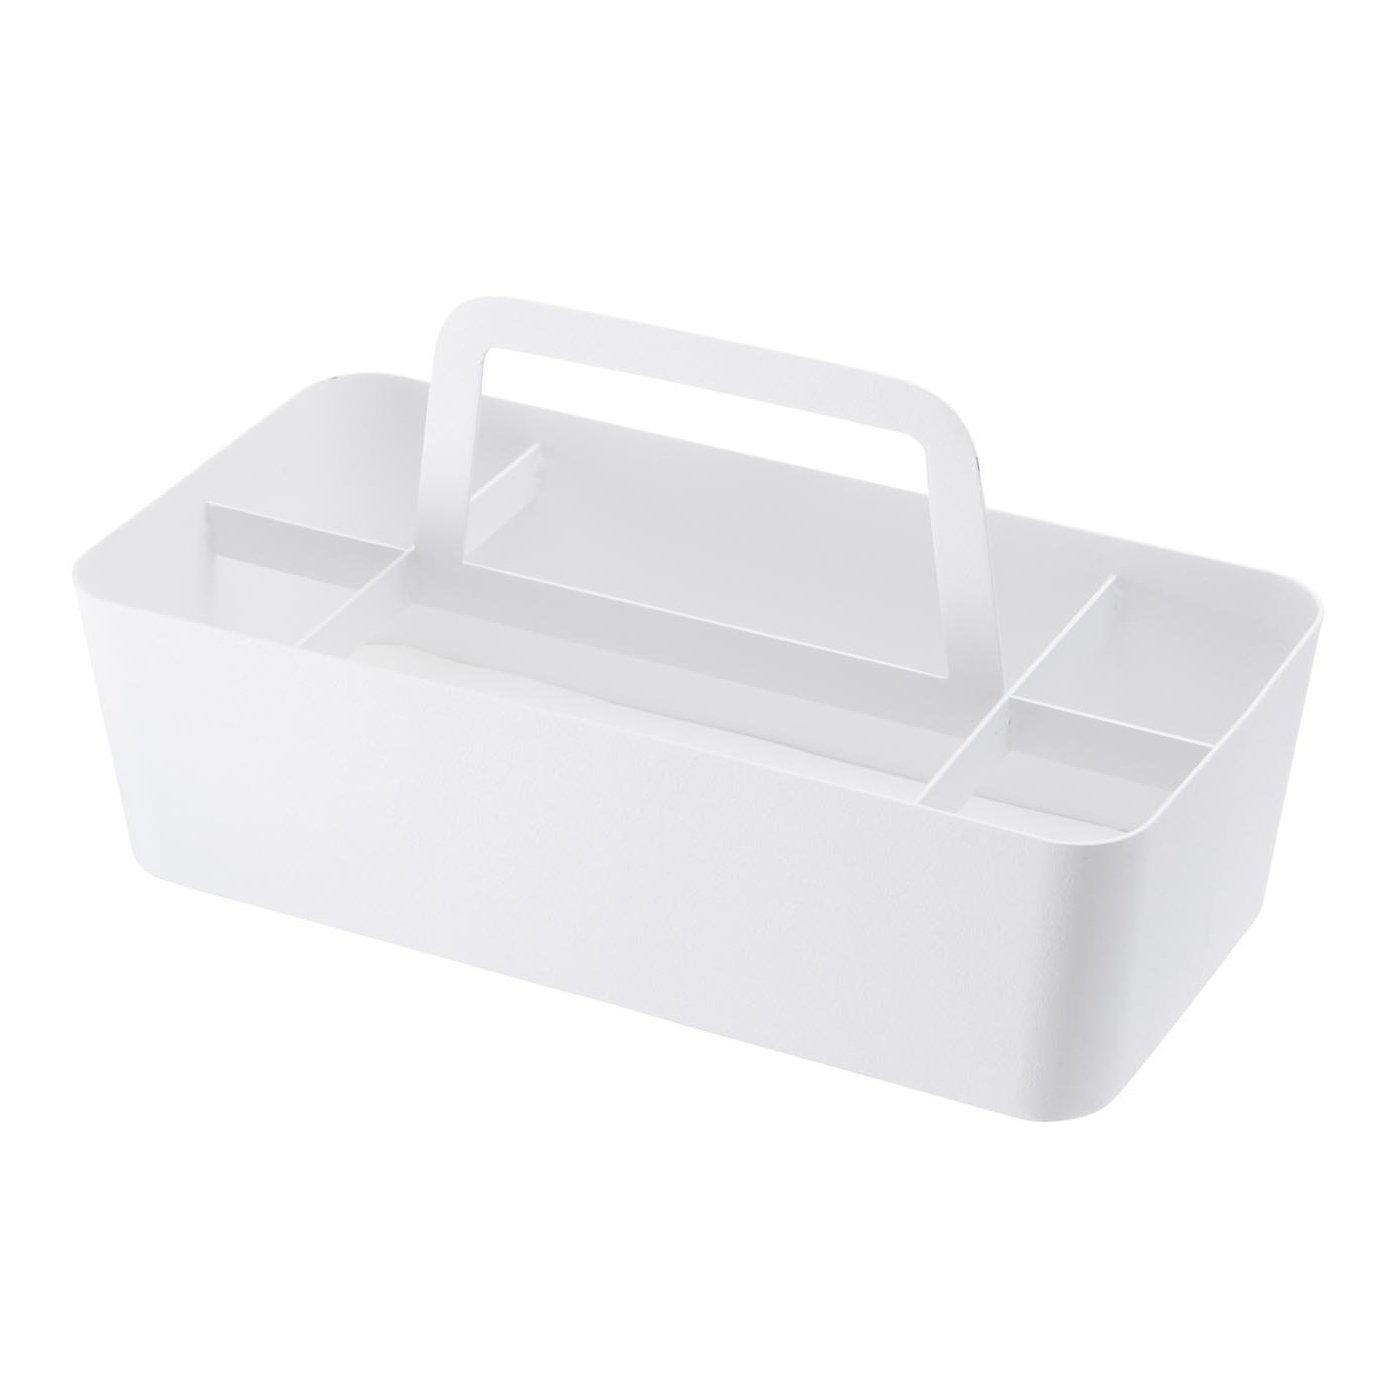 小物をらくらく持ち運べる持ち手付きツールボックス